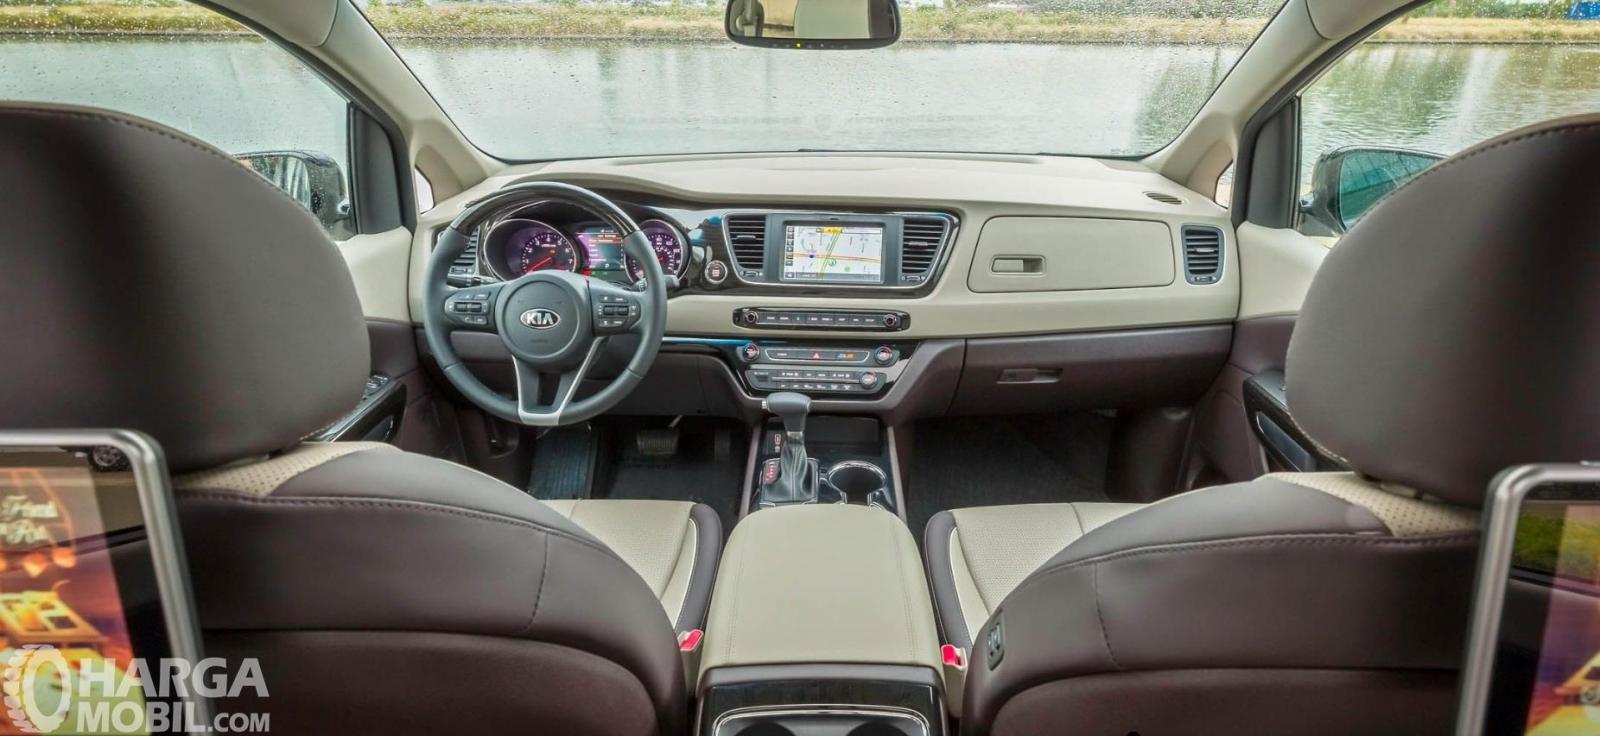 Dashboard KIA Sedona 2019 menyajikan kesan ergonomis dan elegan